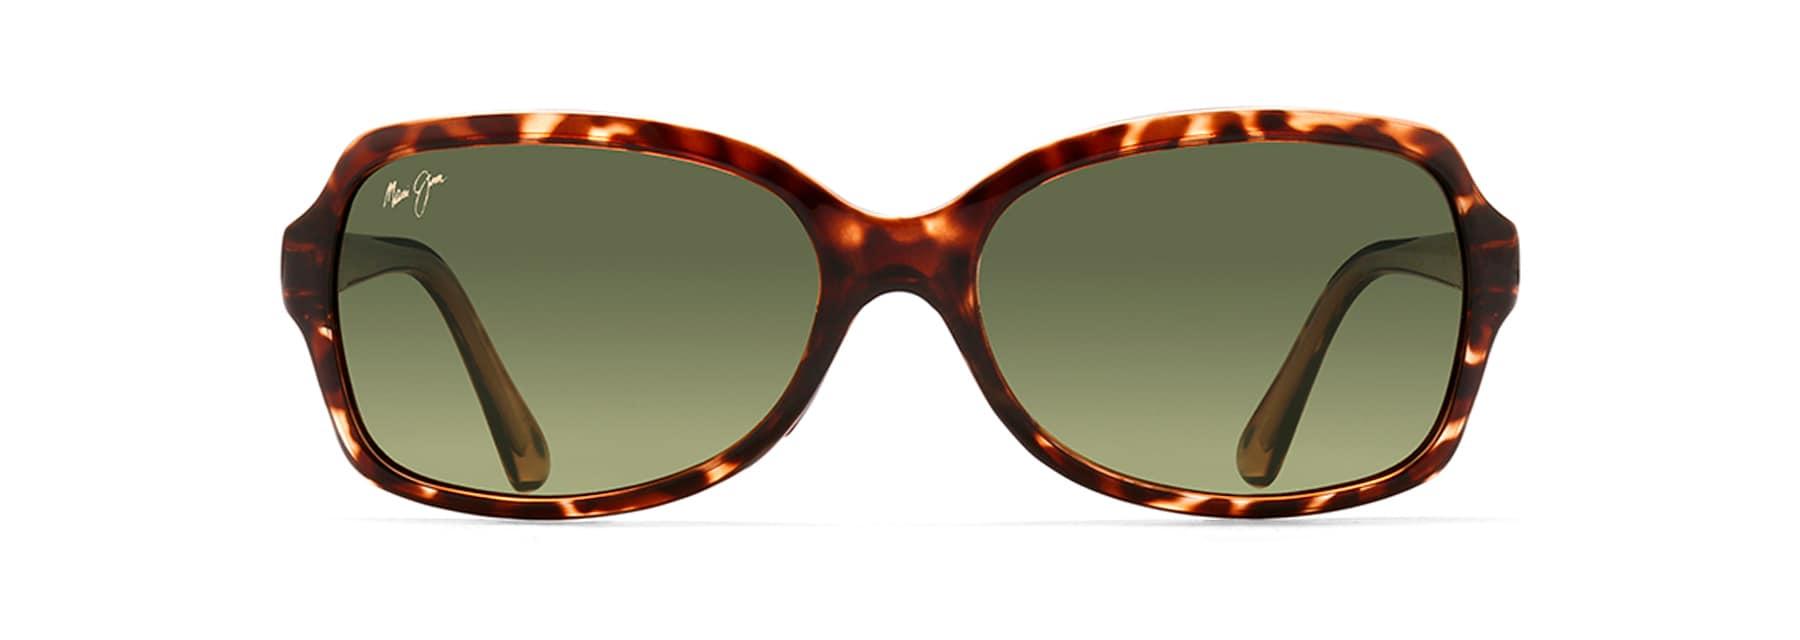 348af7fde26c Cloud Break Polarized Sunglasses | Maui Jim®